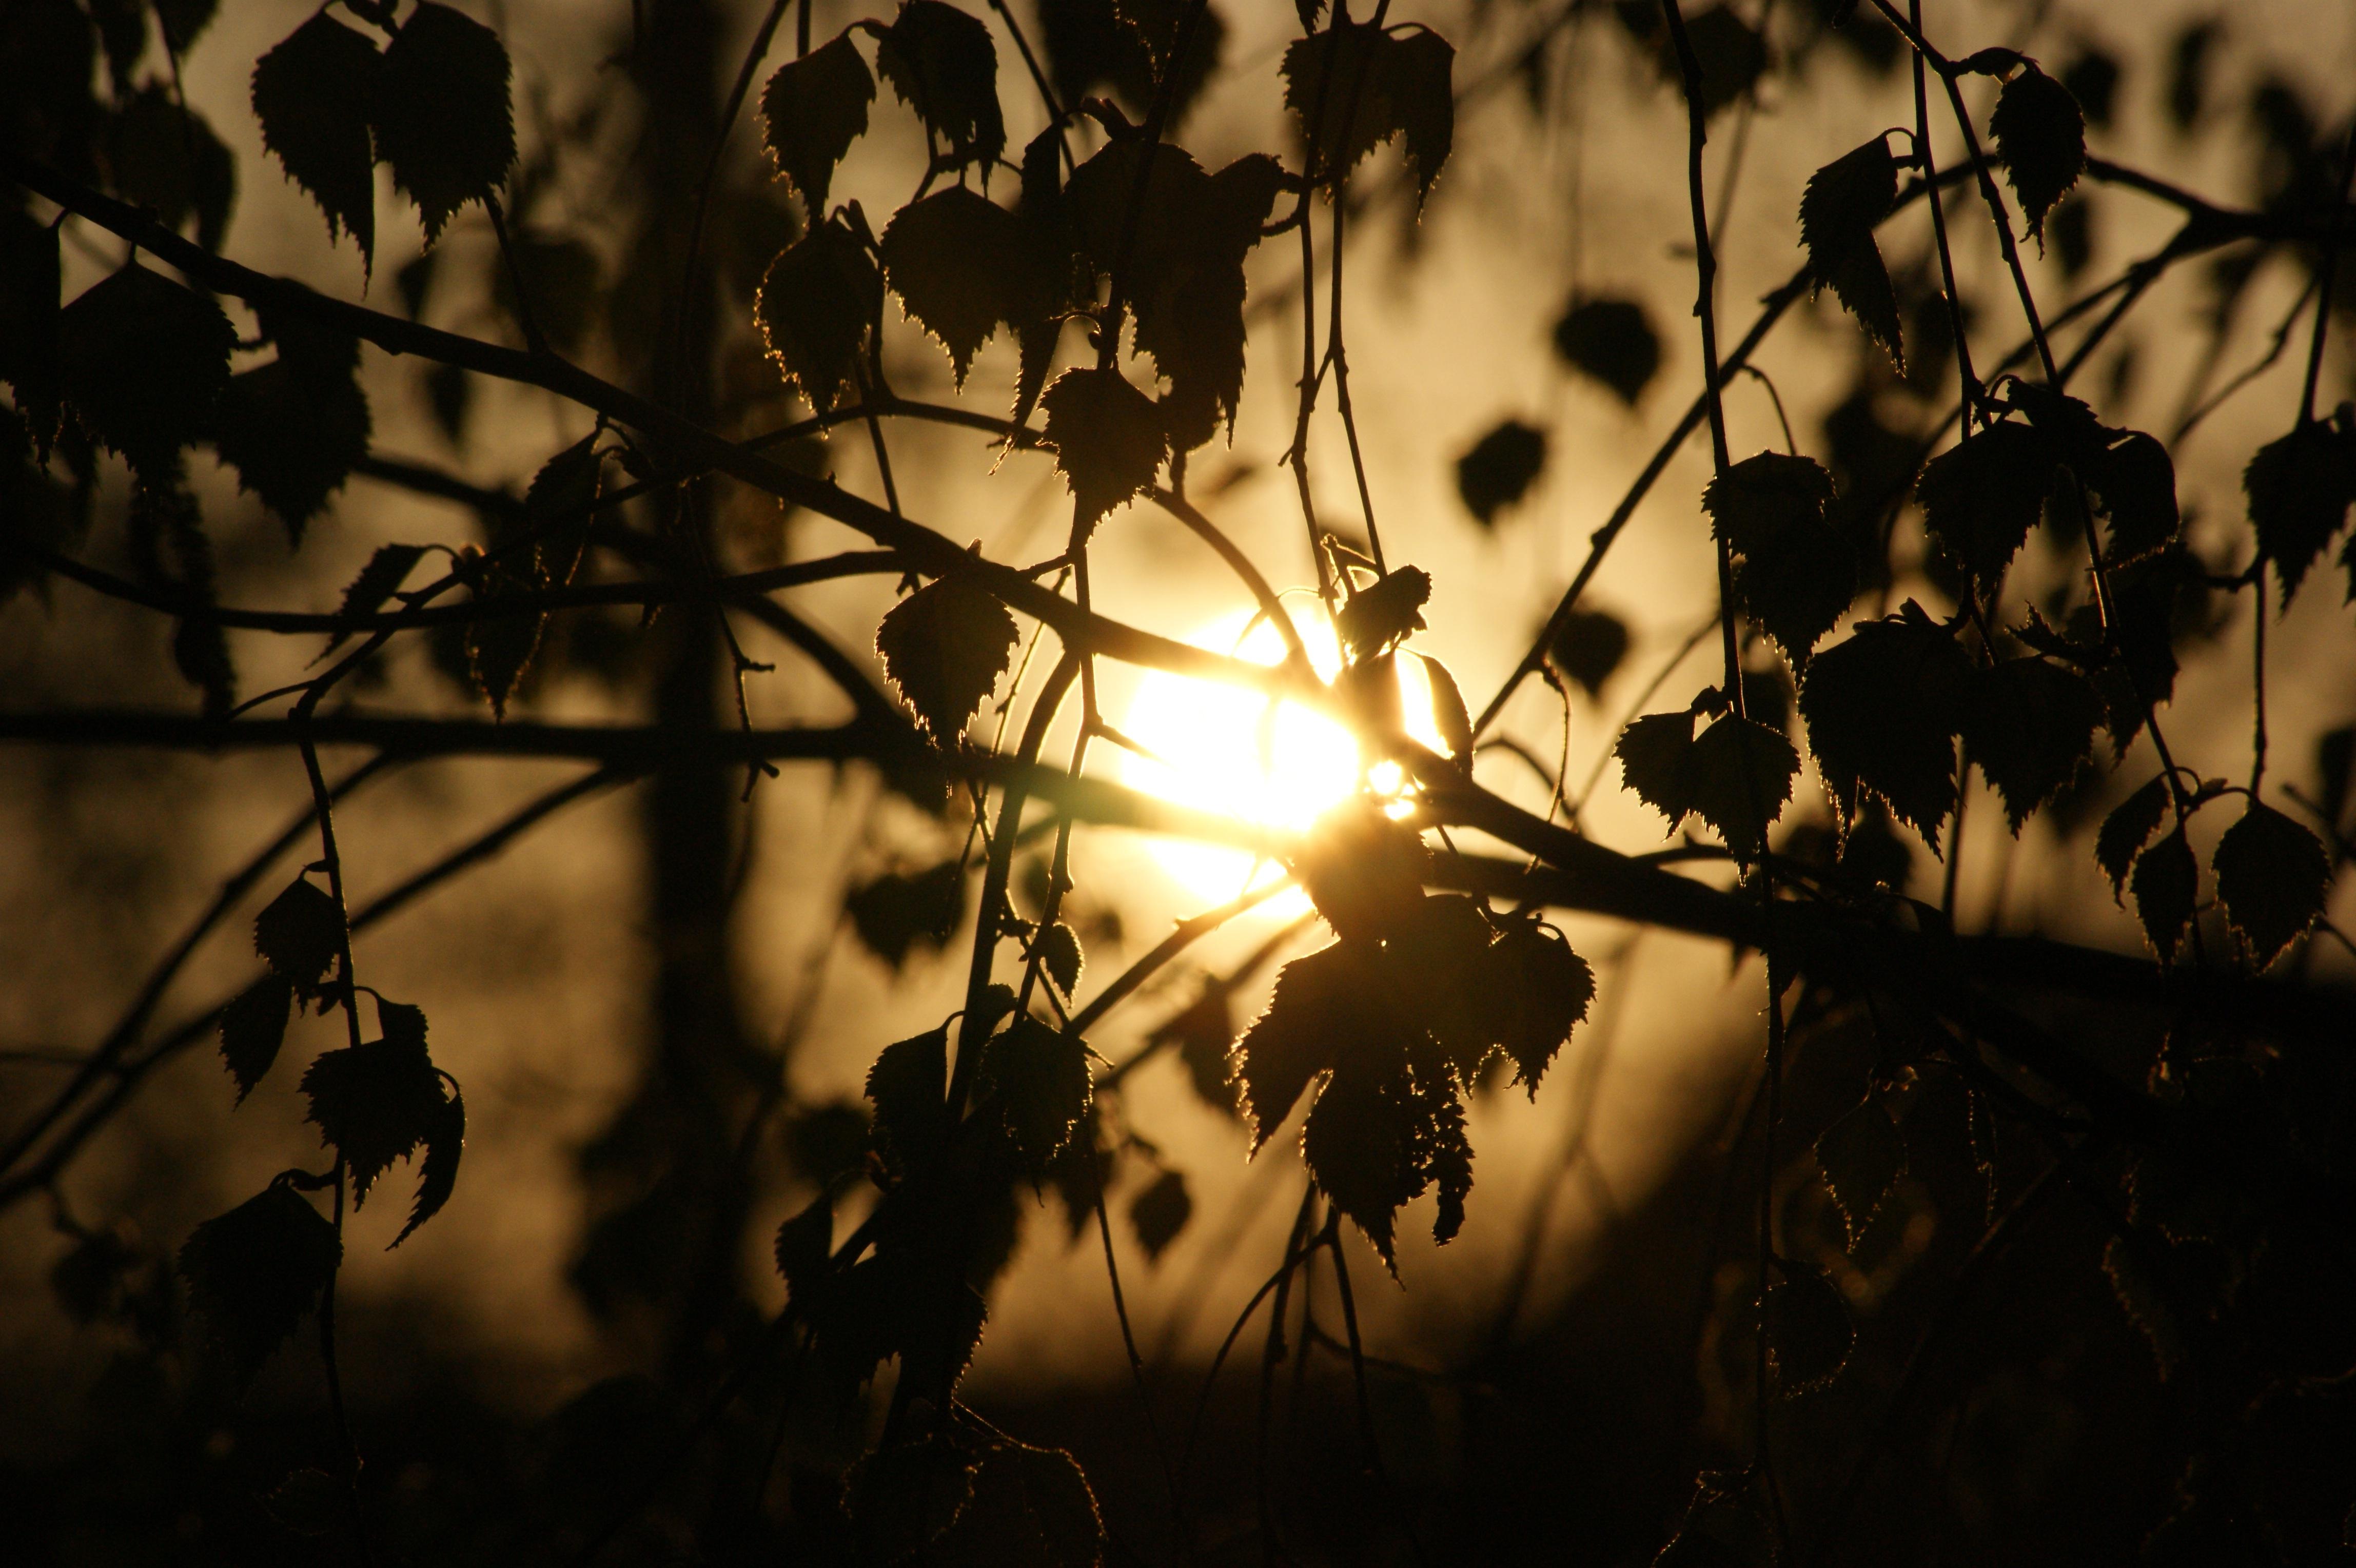 Gratis Afbeeldingen : boom, natuur, tak, silhouet, zonsondergang ...